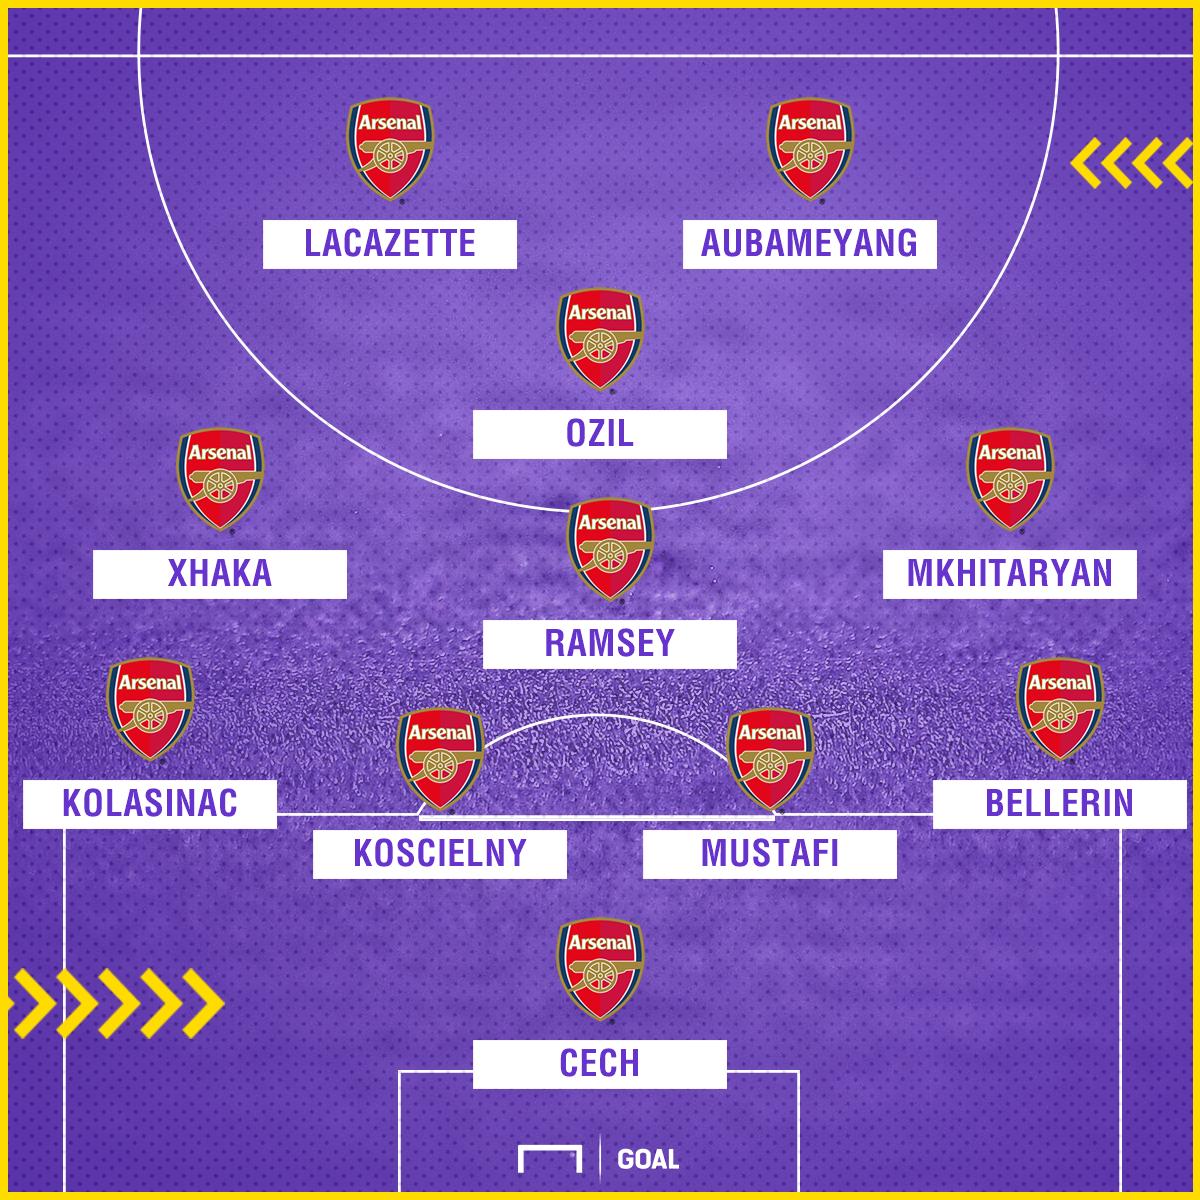 Arsenal 4-3-1-2